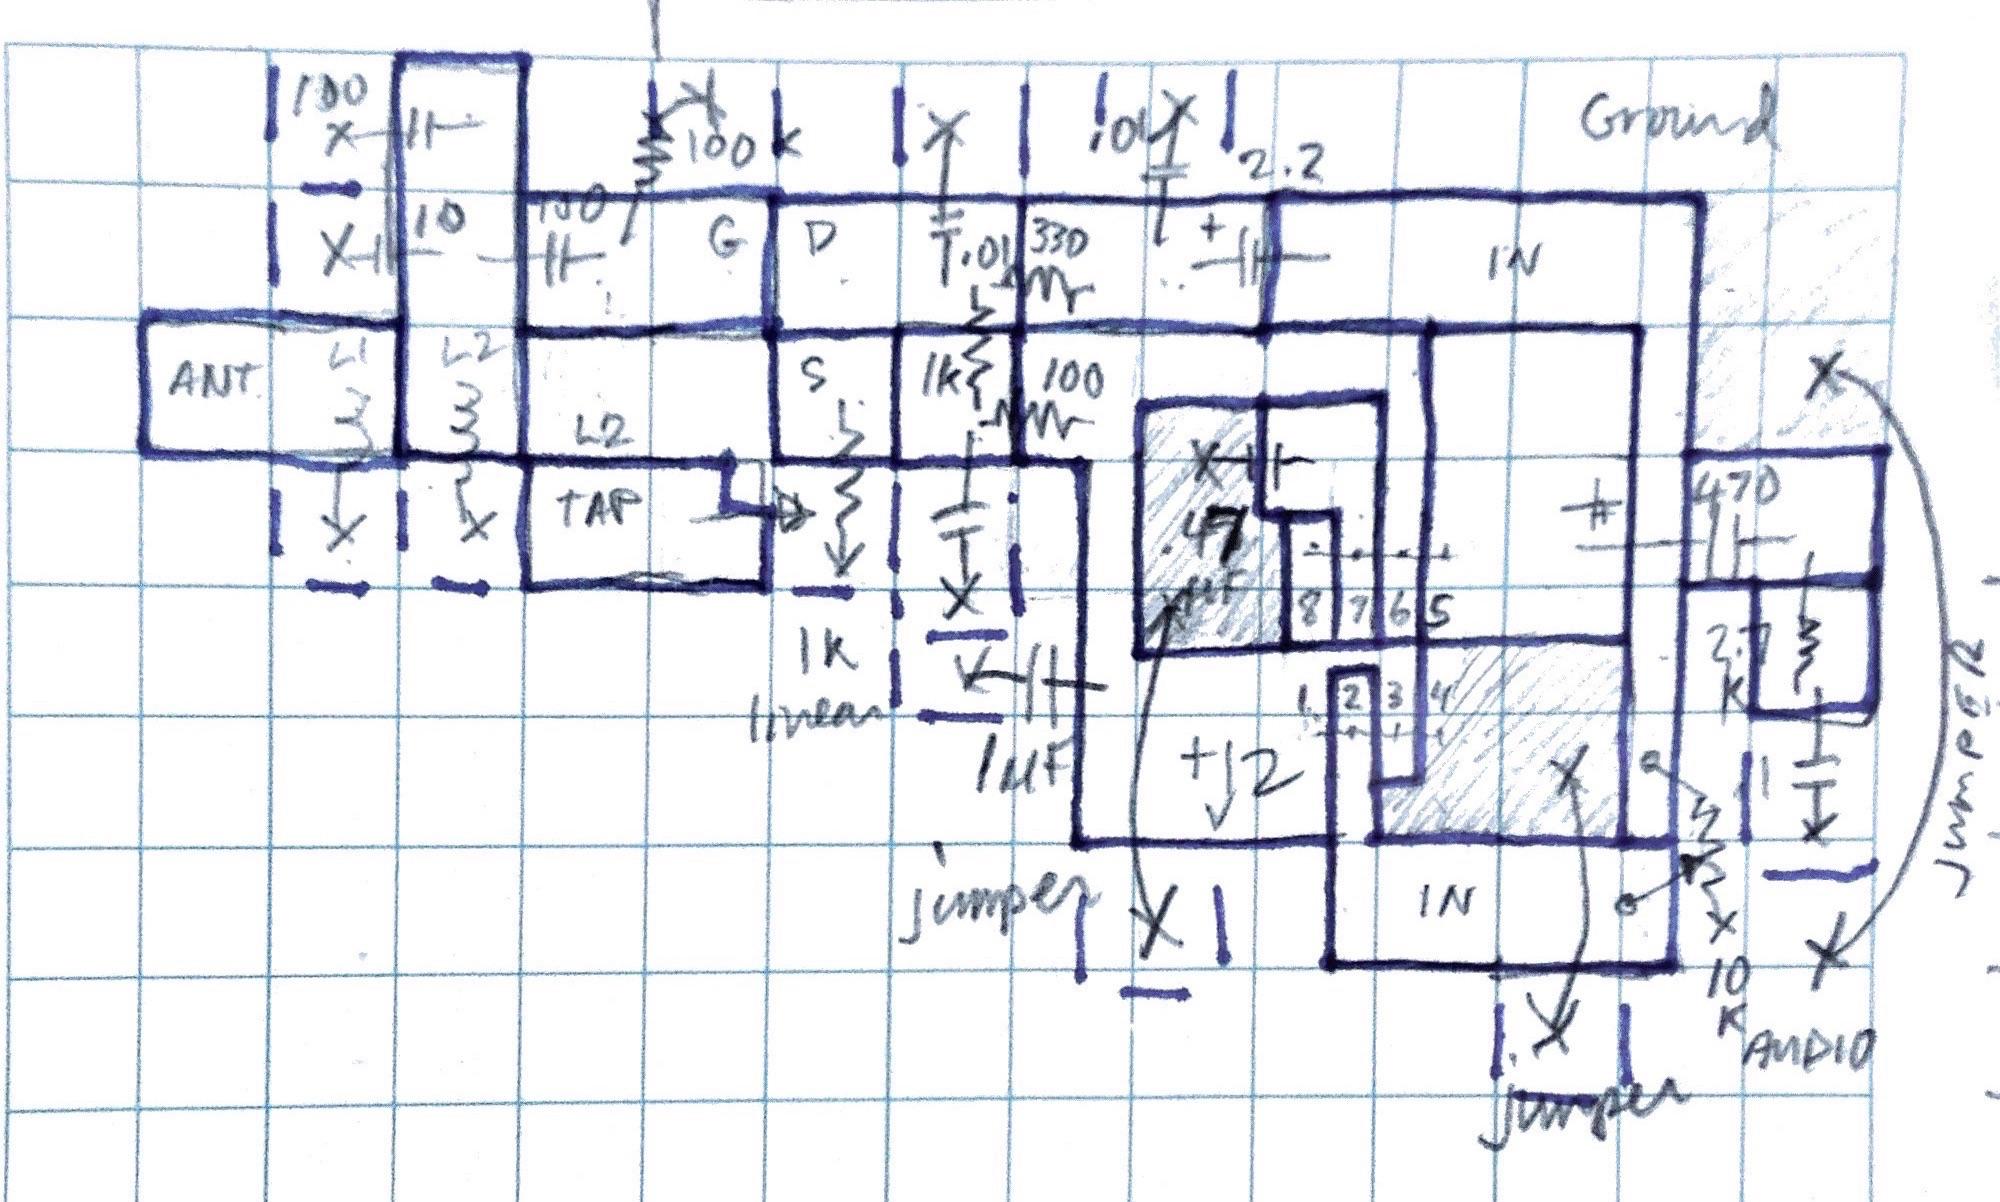 cutout plan